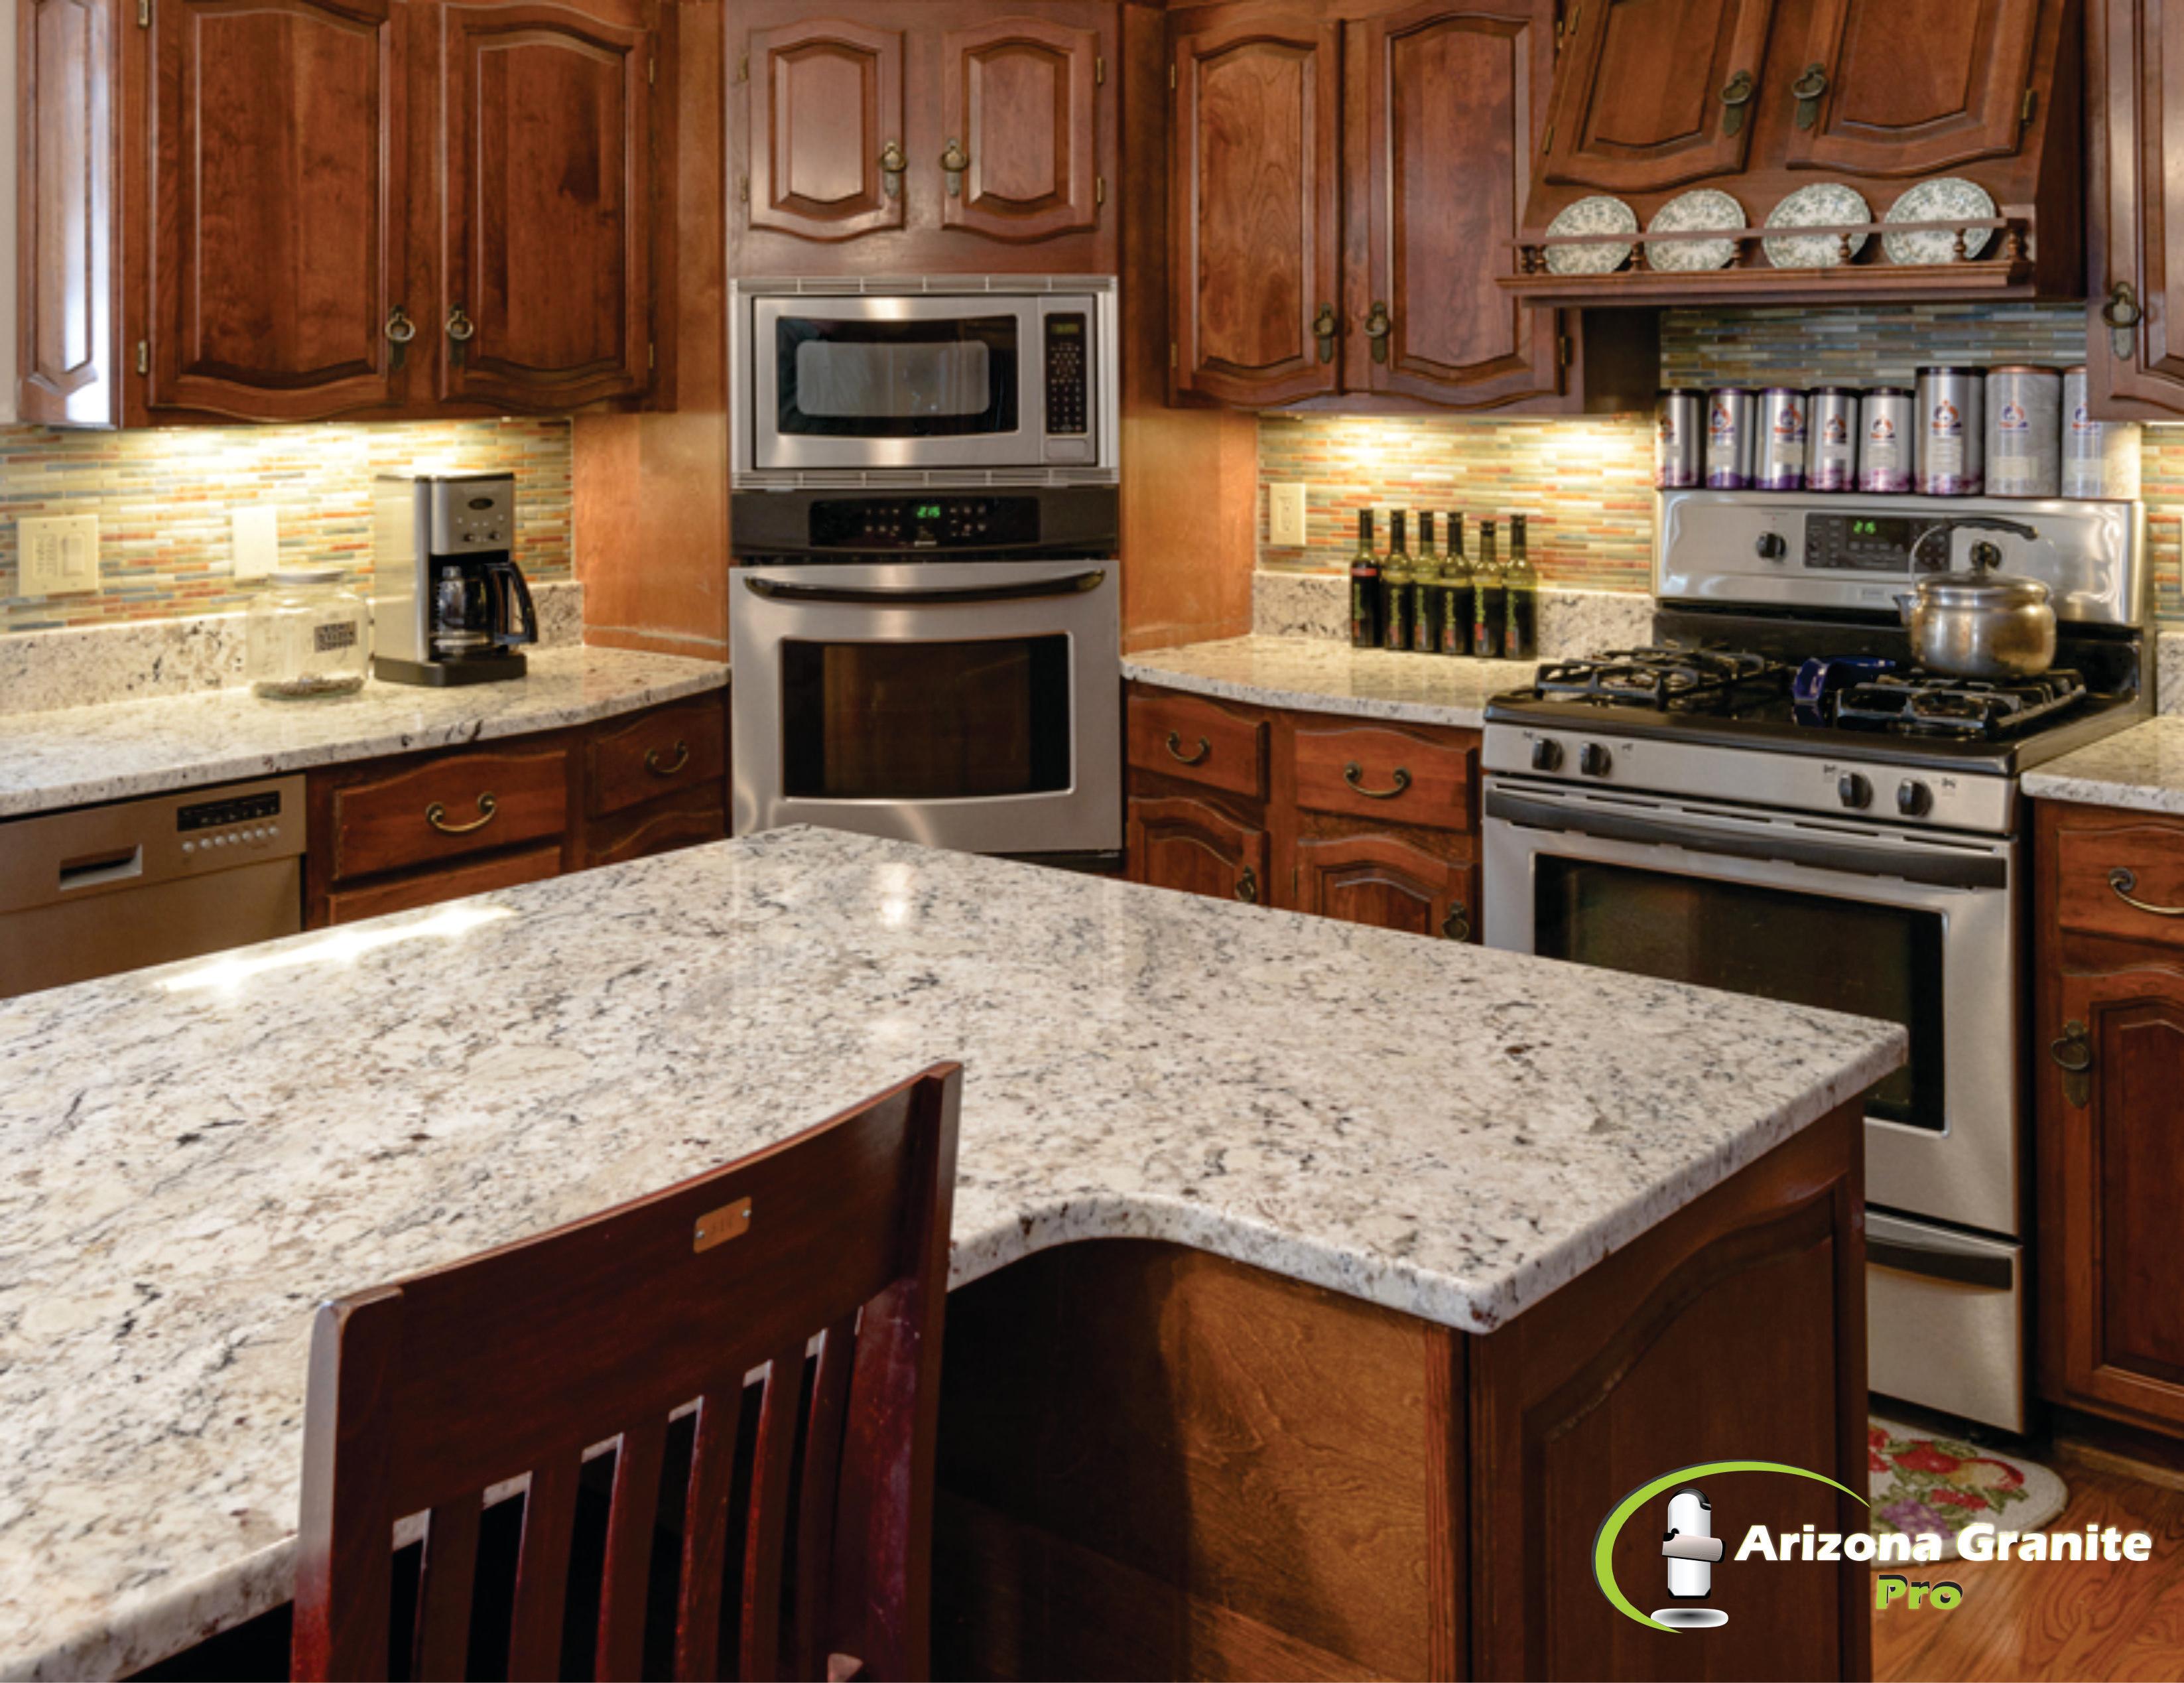 Granite-Kitchen-arizonagranite pro1